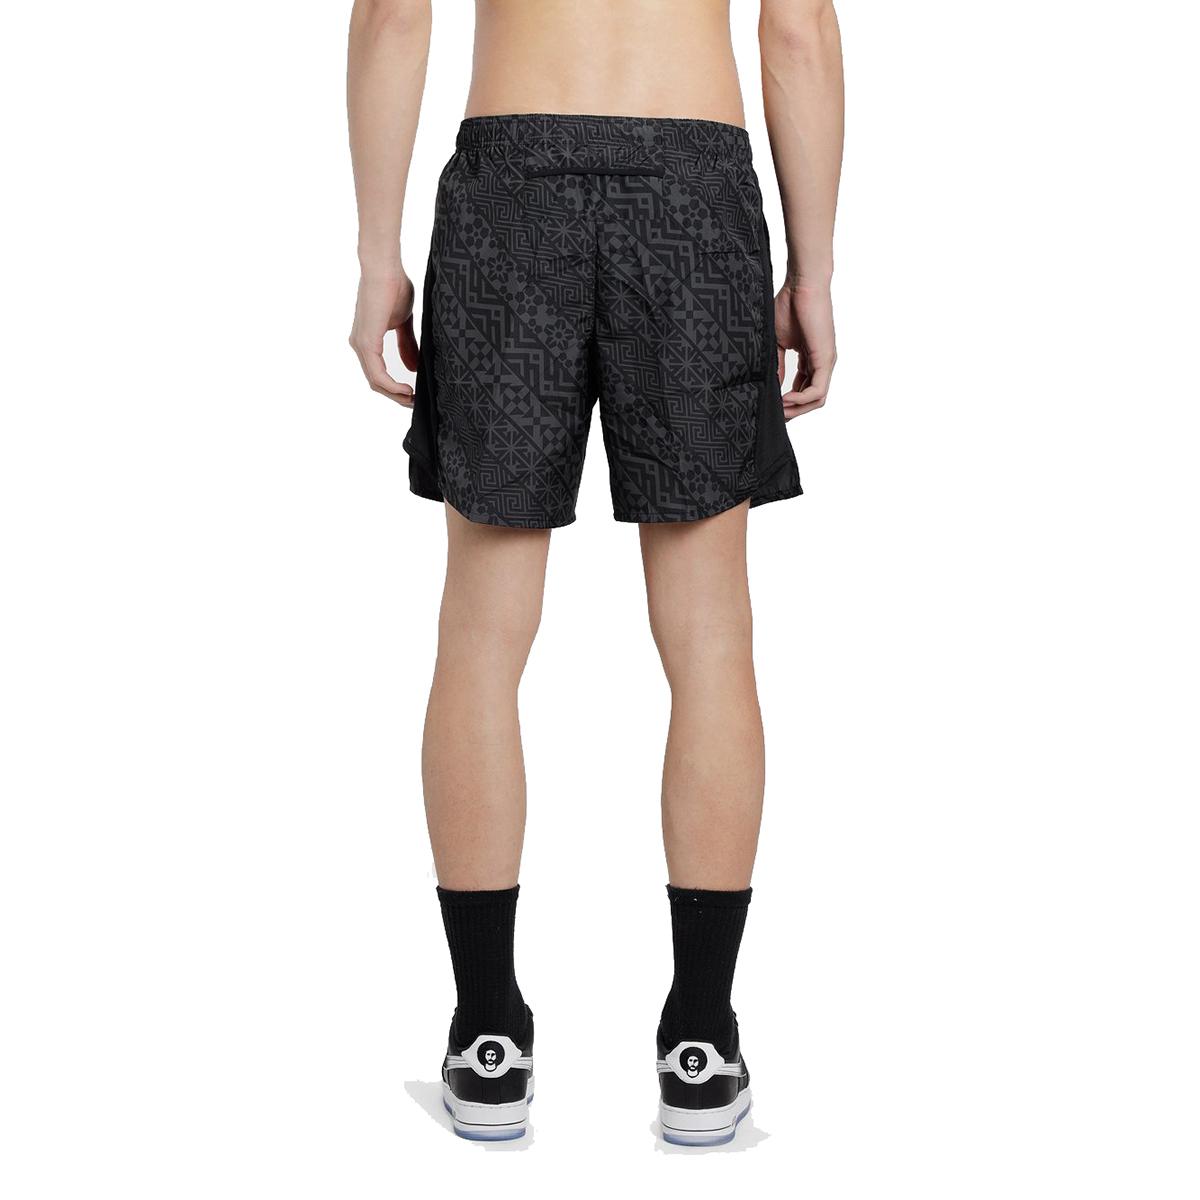 Men's Nike Challenger 7 Inch Short - Color: Black - Size: S, Black, large, image 2